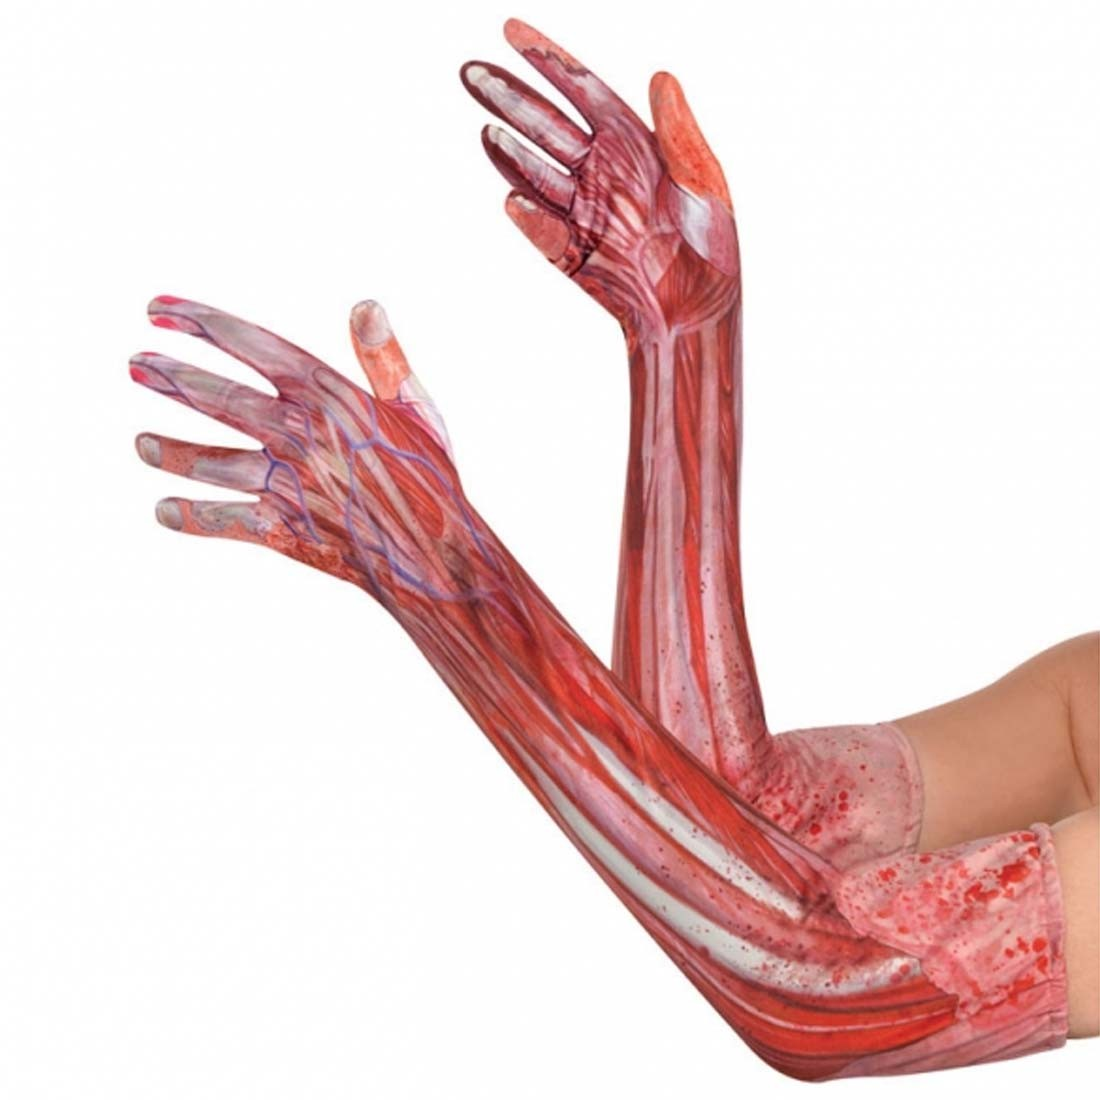 Halloween Anatomie Handschuhe Unterarm Mensch, 9,99 ¬